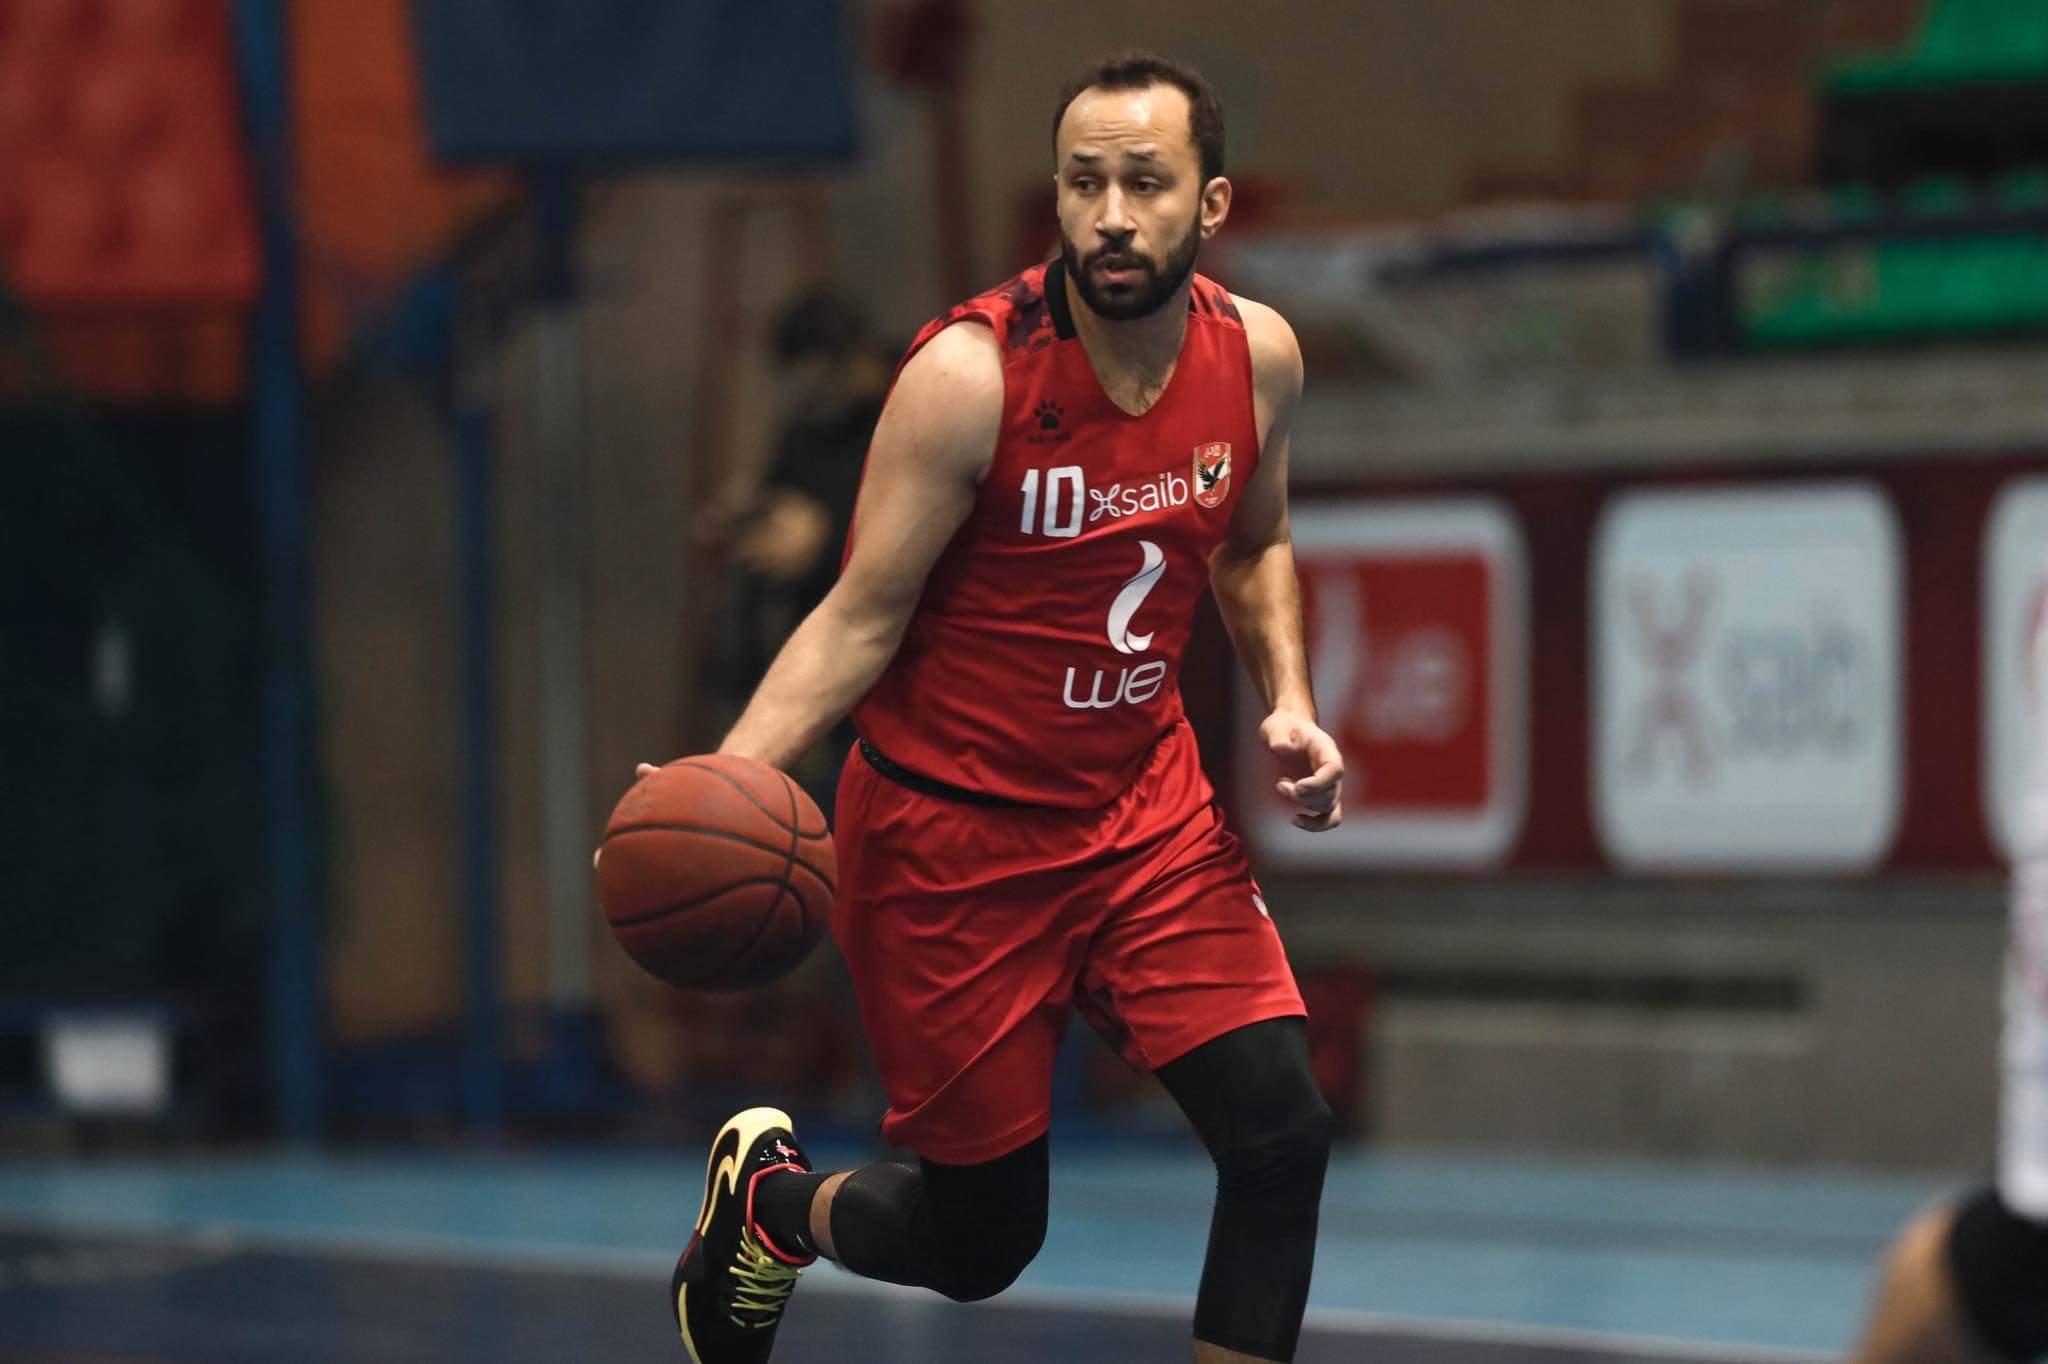 أخبار الأهلي قائد فريق السلة قدمنا مباريات قوية وجاهزون للبطولة العربية